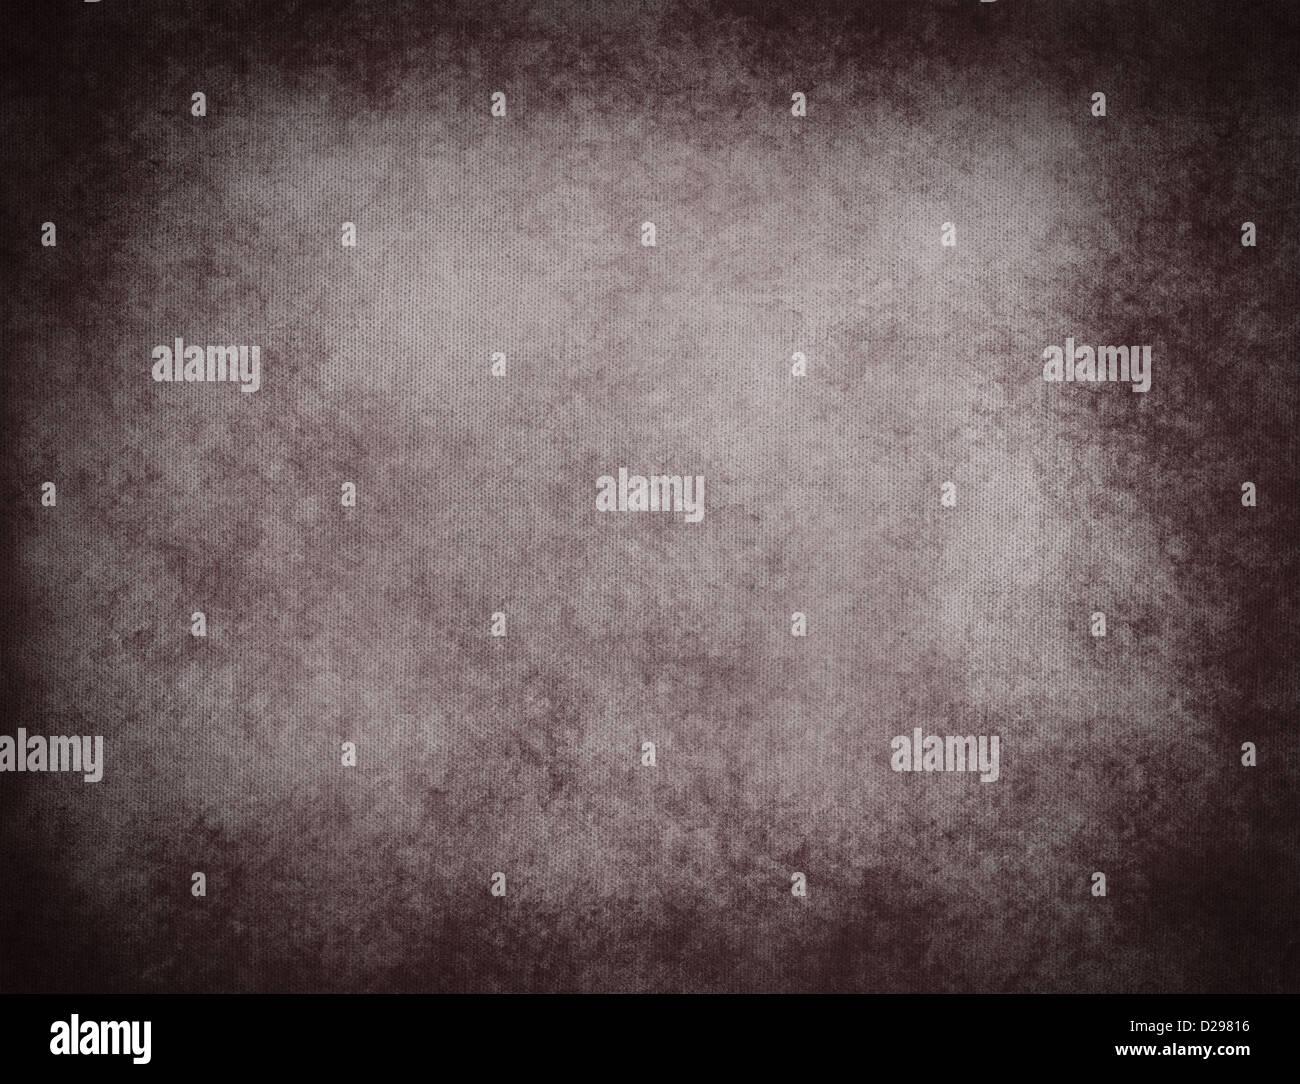 sehr detaillierte texturierte Grunge Hintergrund Stockbild